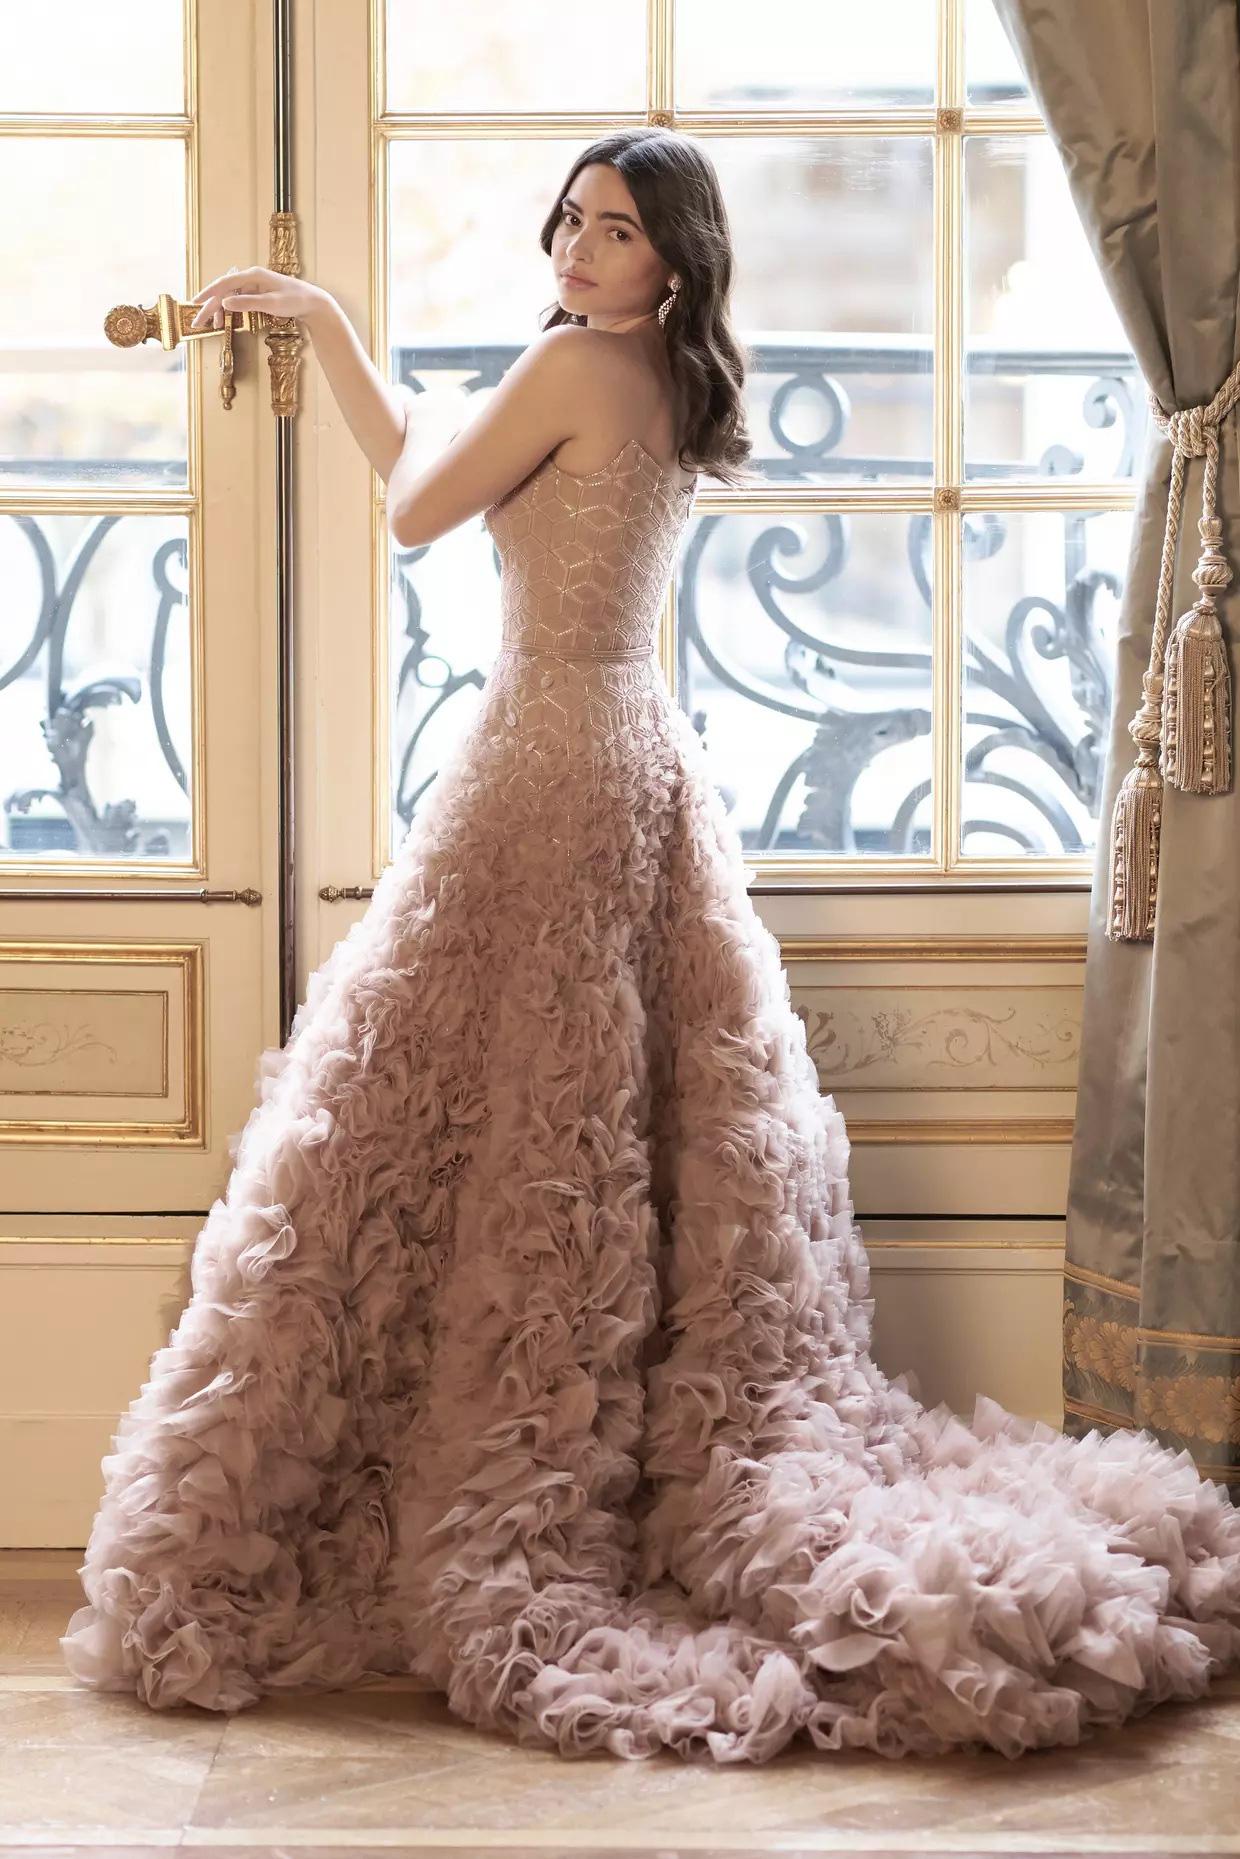 Hội tiểu thư nhà siêu giàu thế giới lên đồ đi dự tiệc xa hoa, ai cũng váy áo lộng lẫy đến choáng ngợp - Ảnh 11.